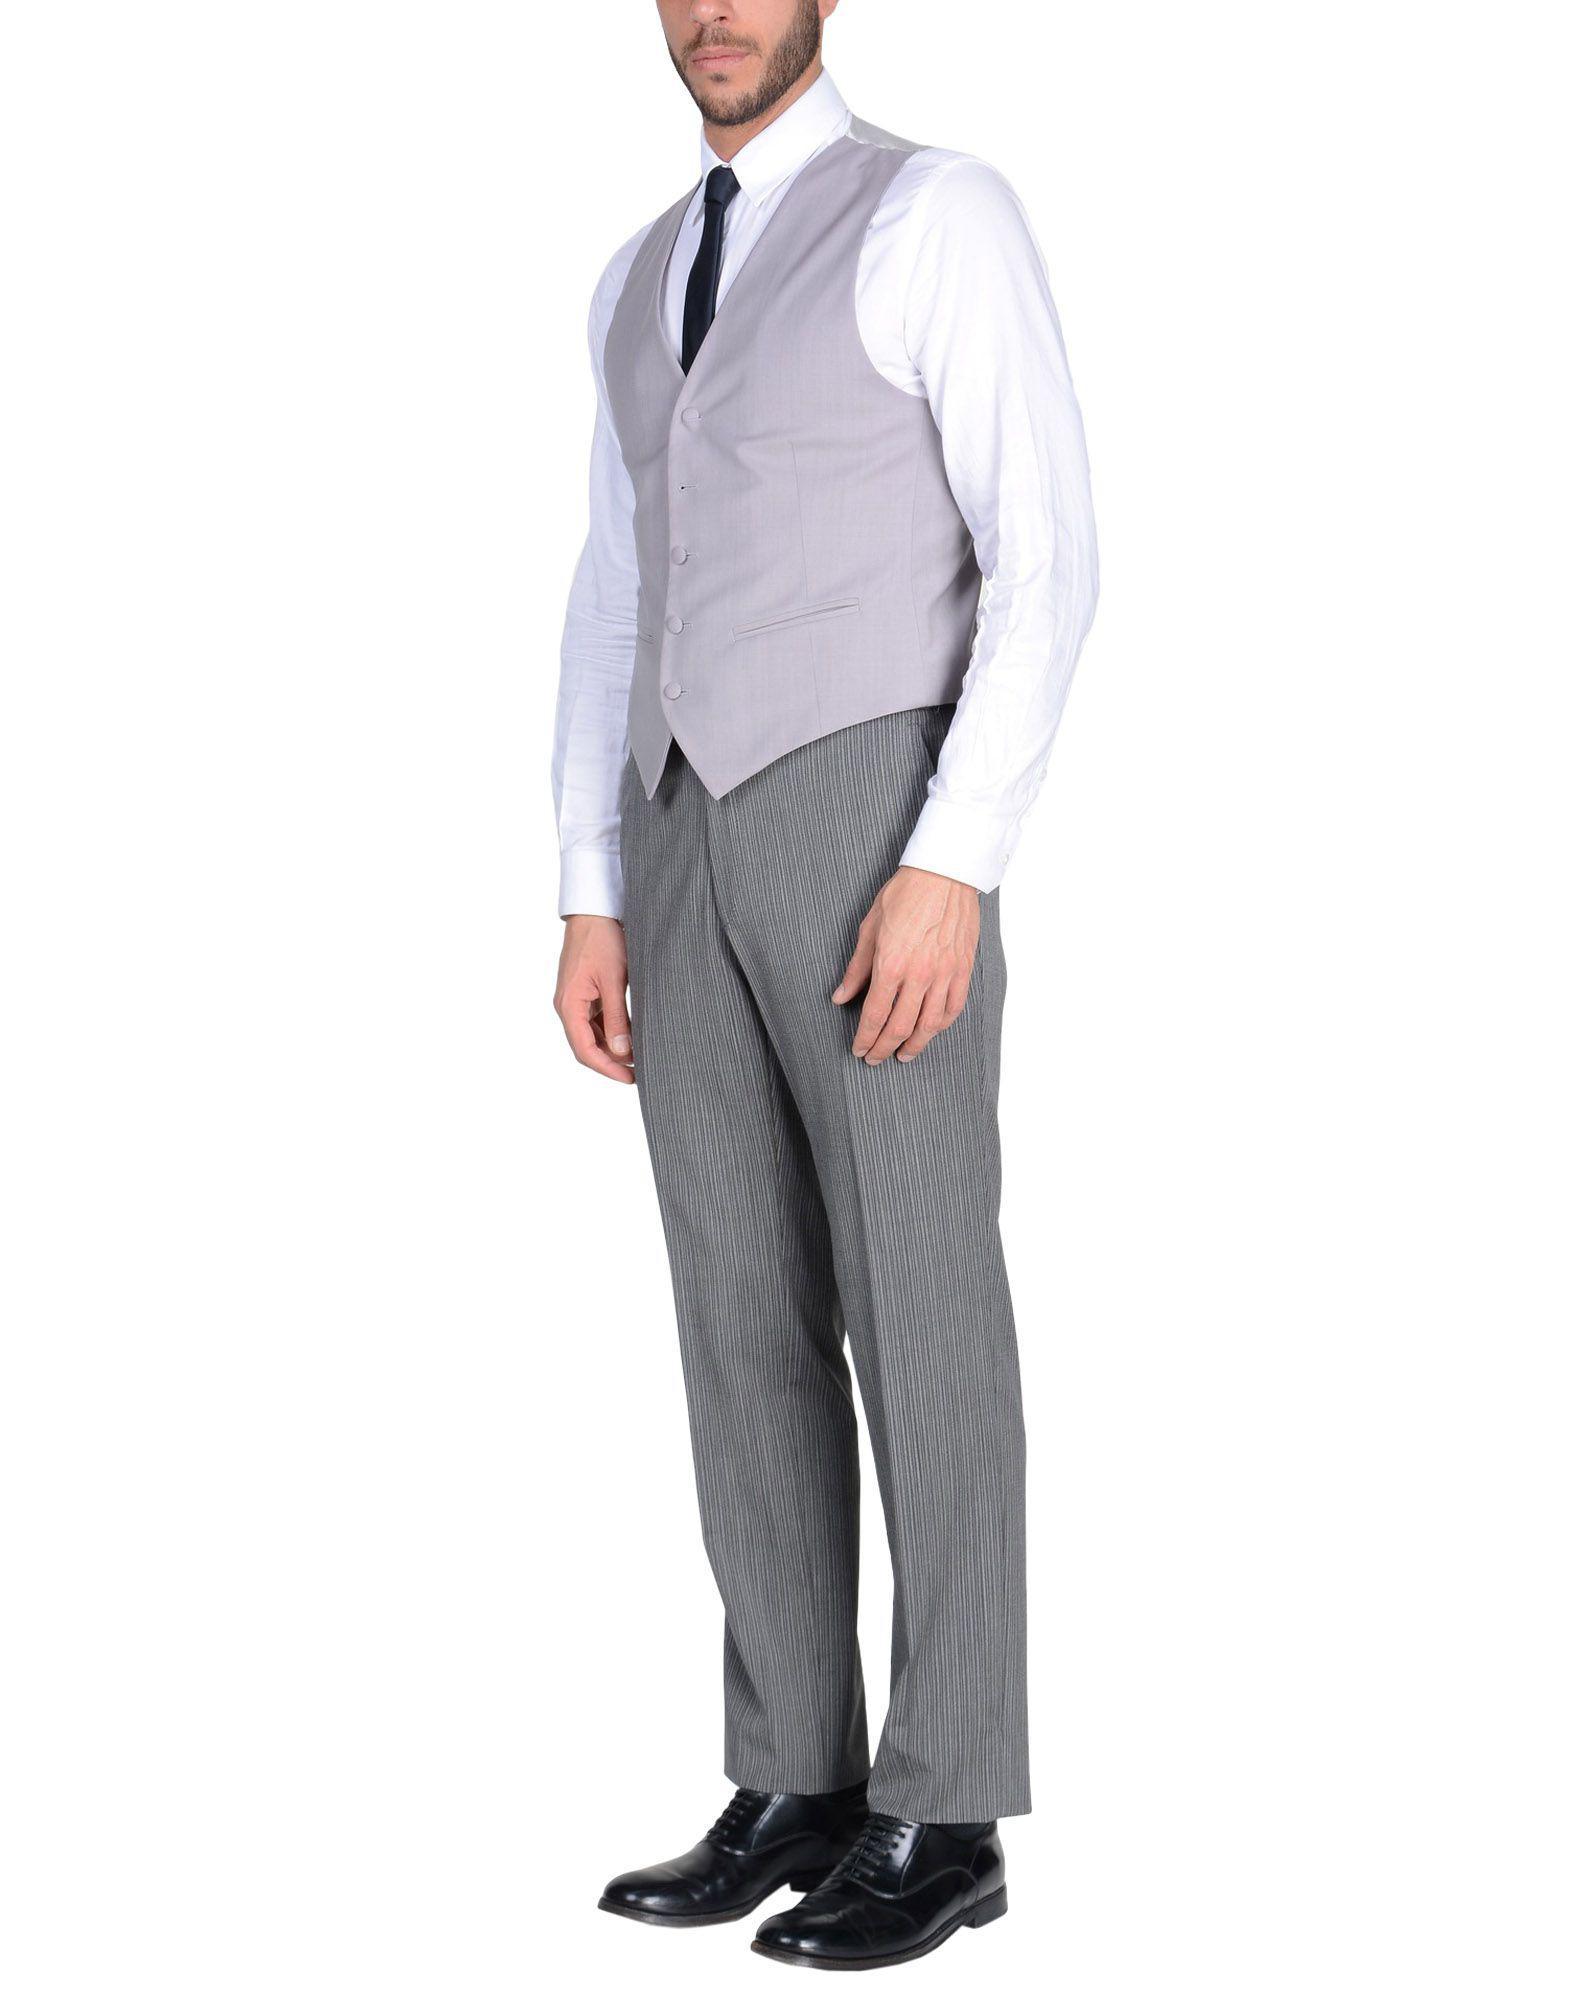 Lyst - Costume Tombolini pour homme en coloris Gris bc417209297